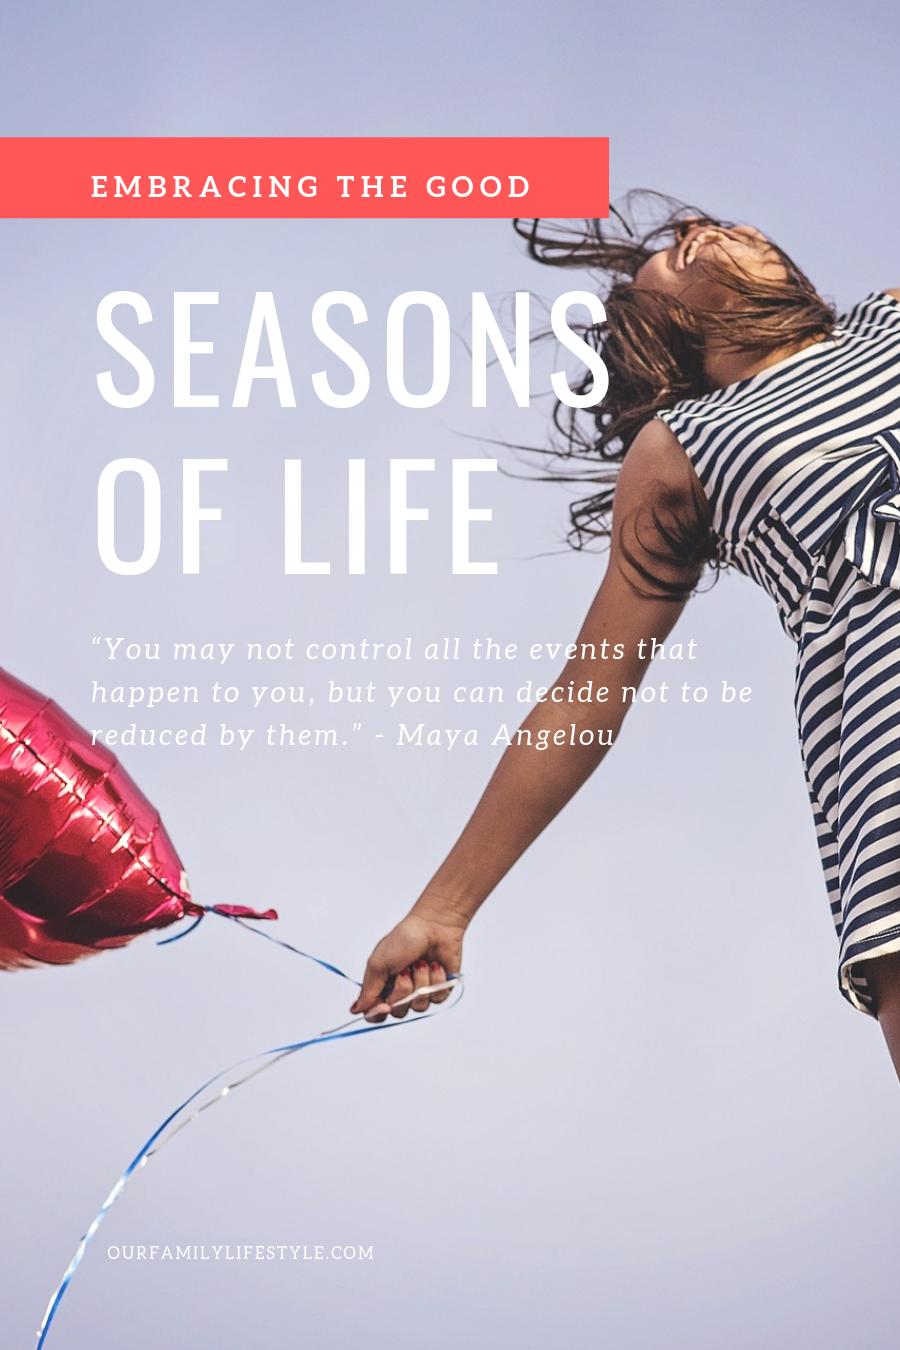 Embracing the Good Seasons of Life